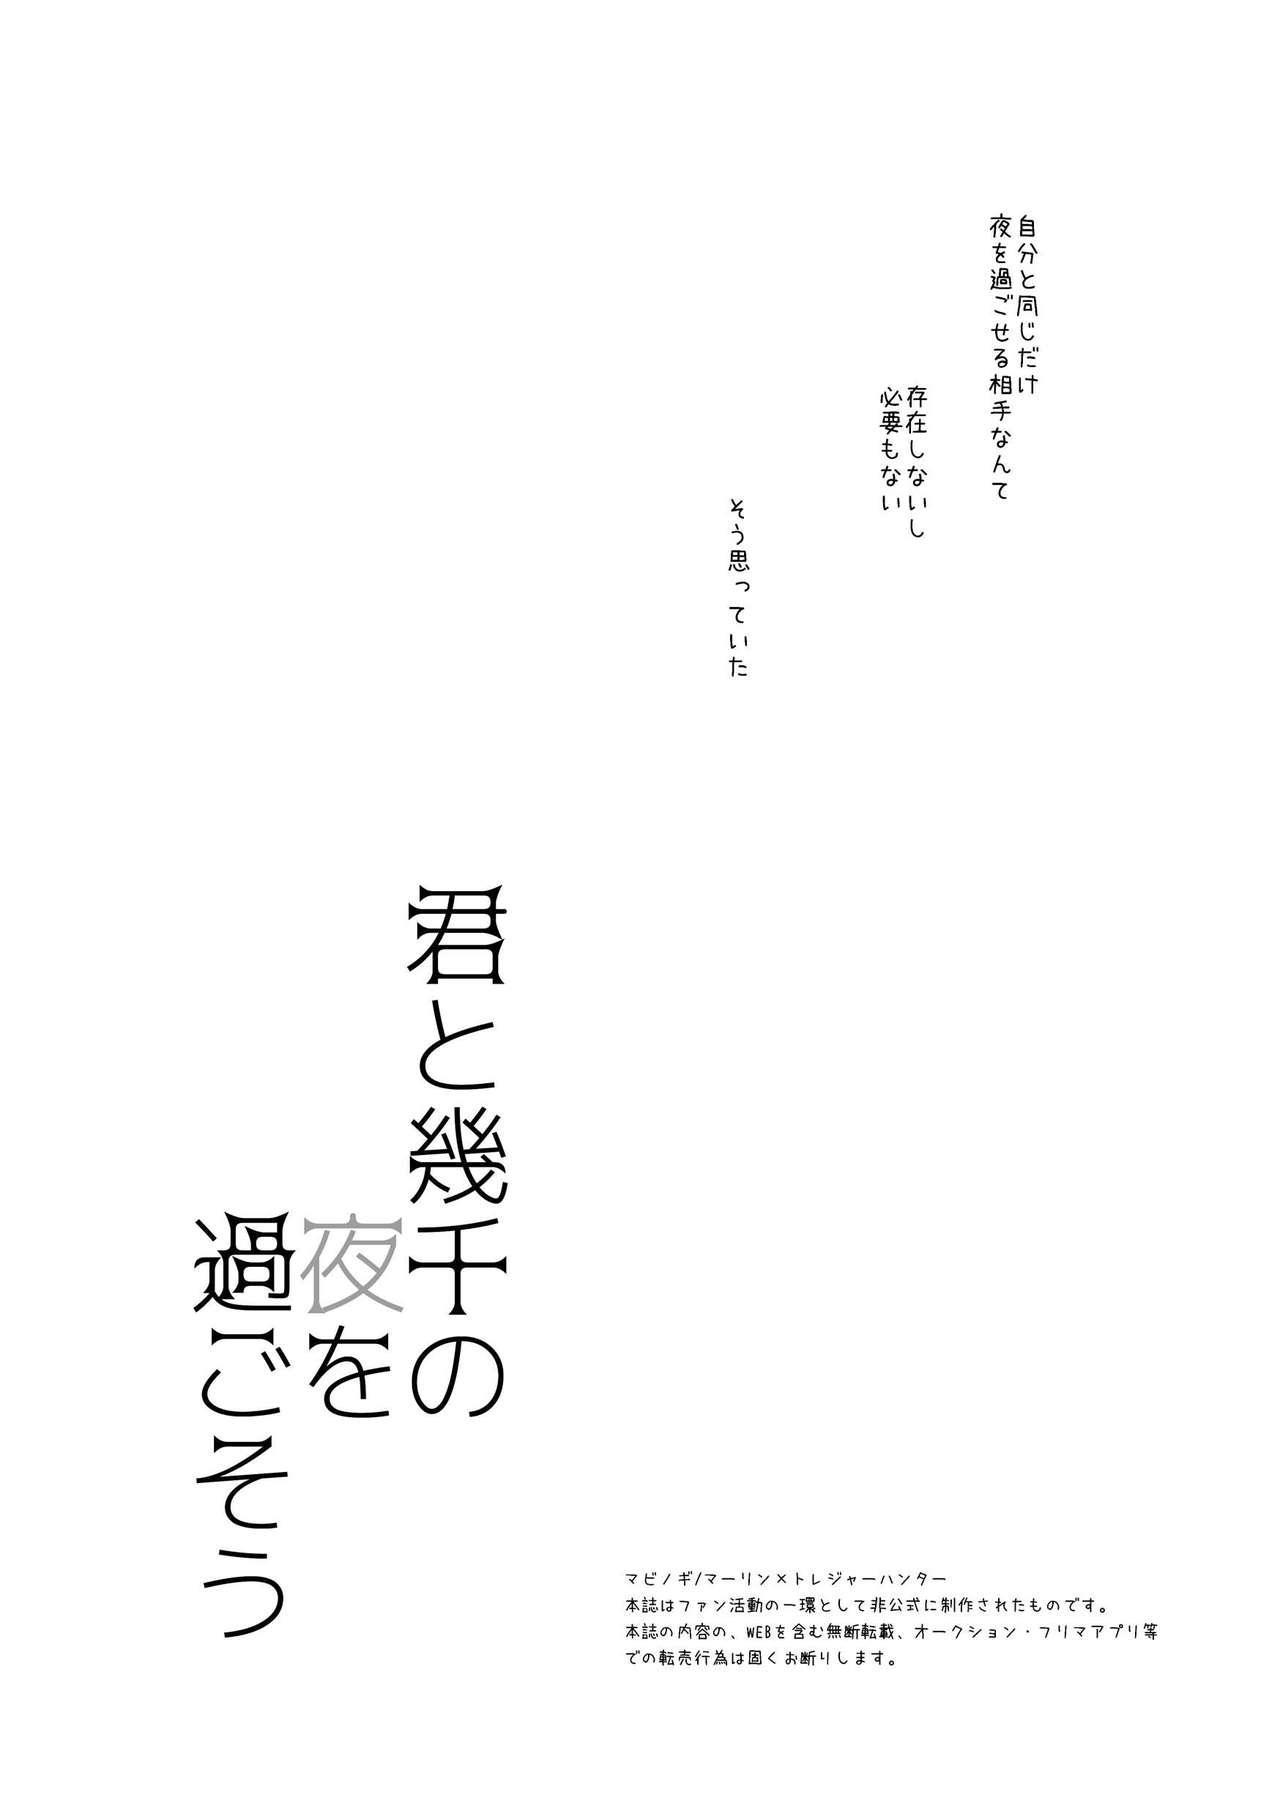 Kimi to Ikusen no Yoru o Sugosou 2